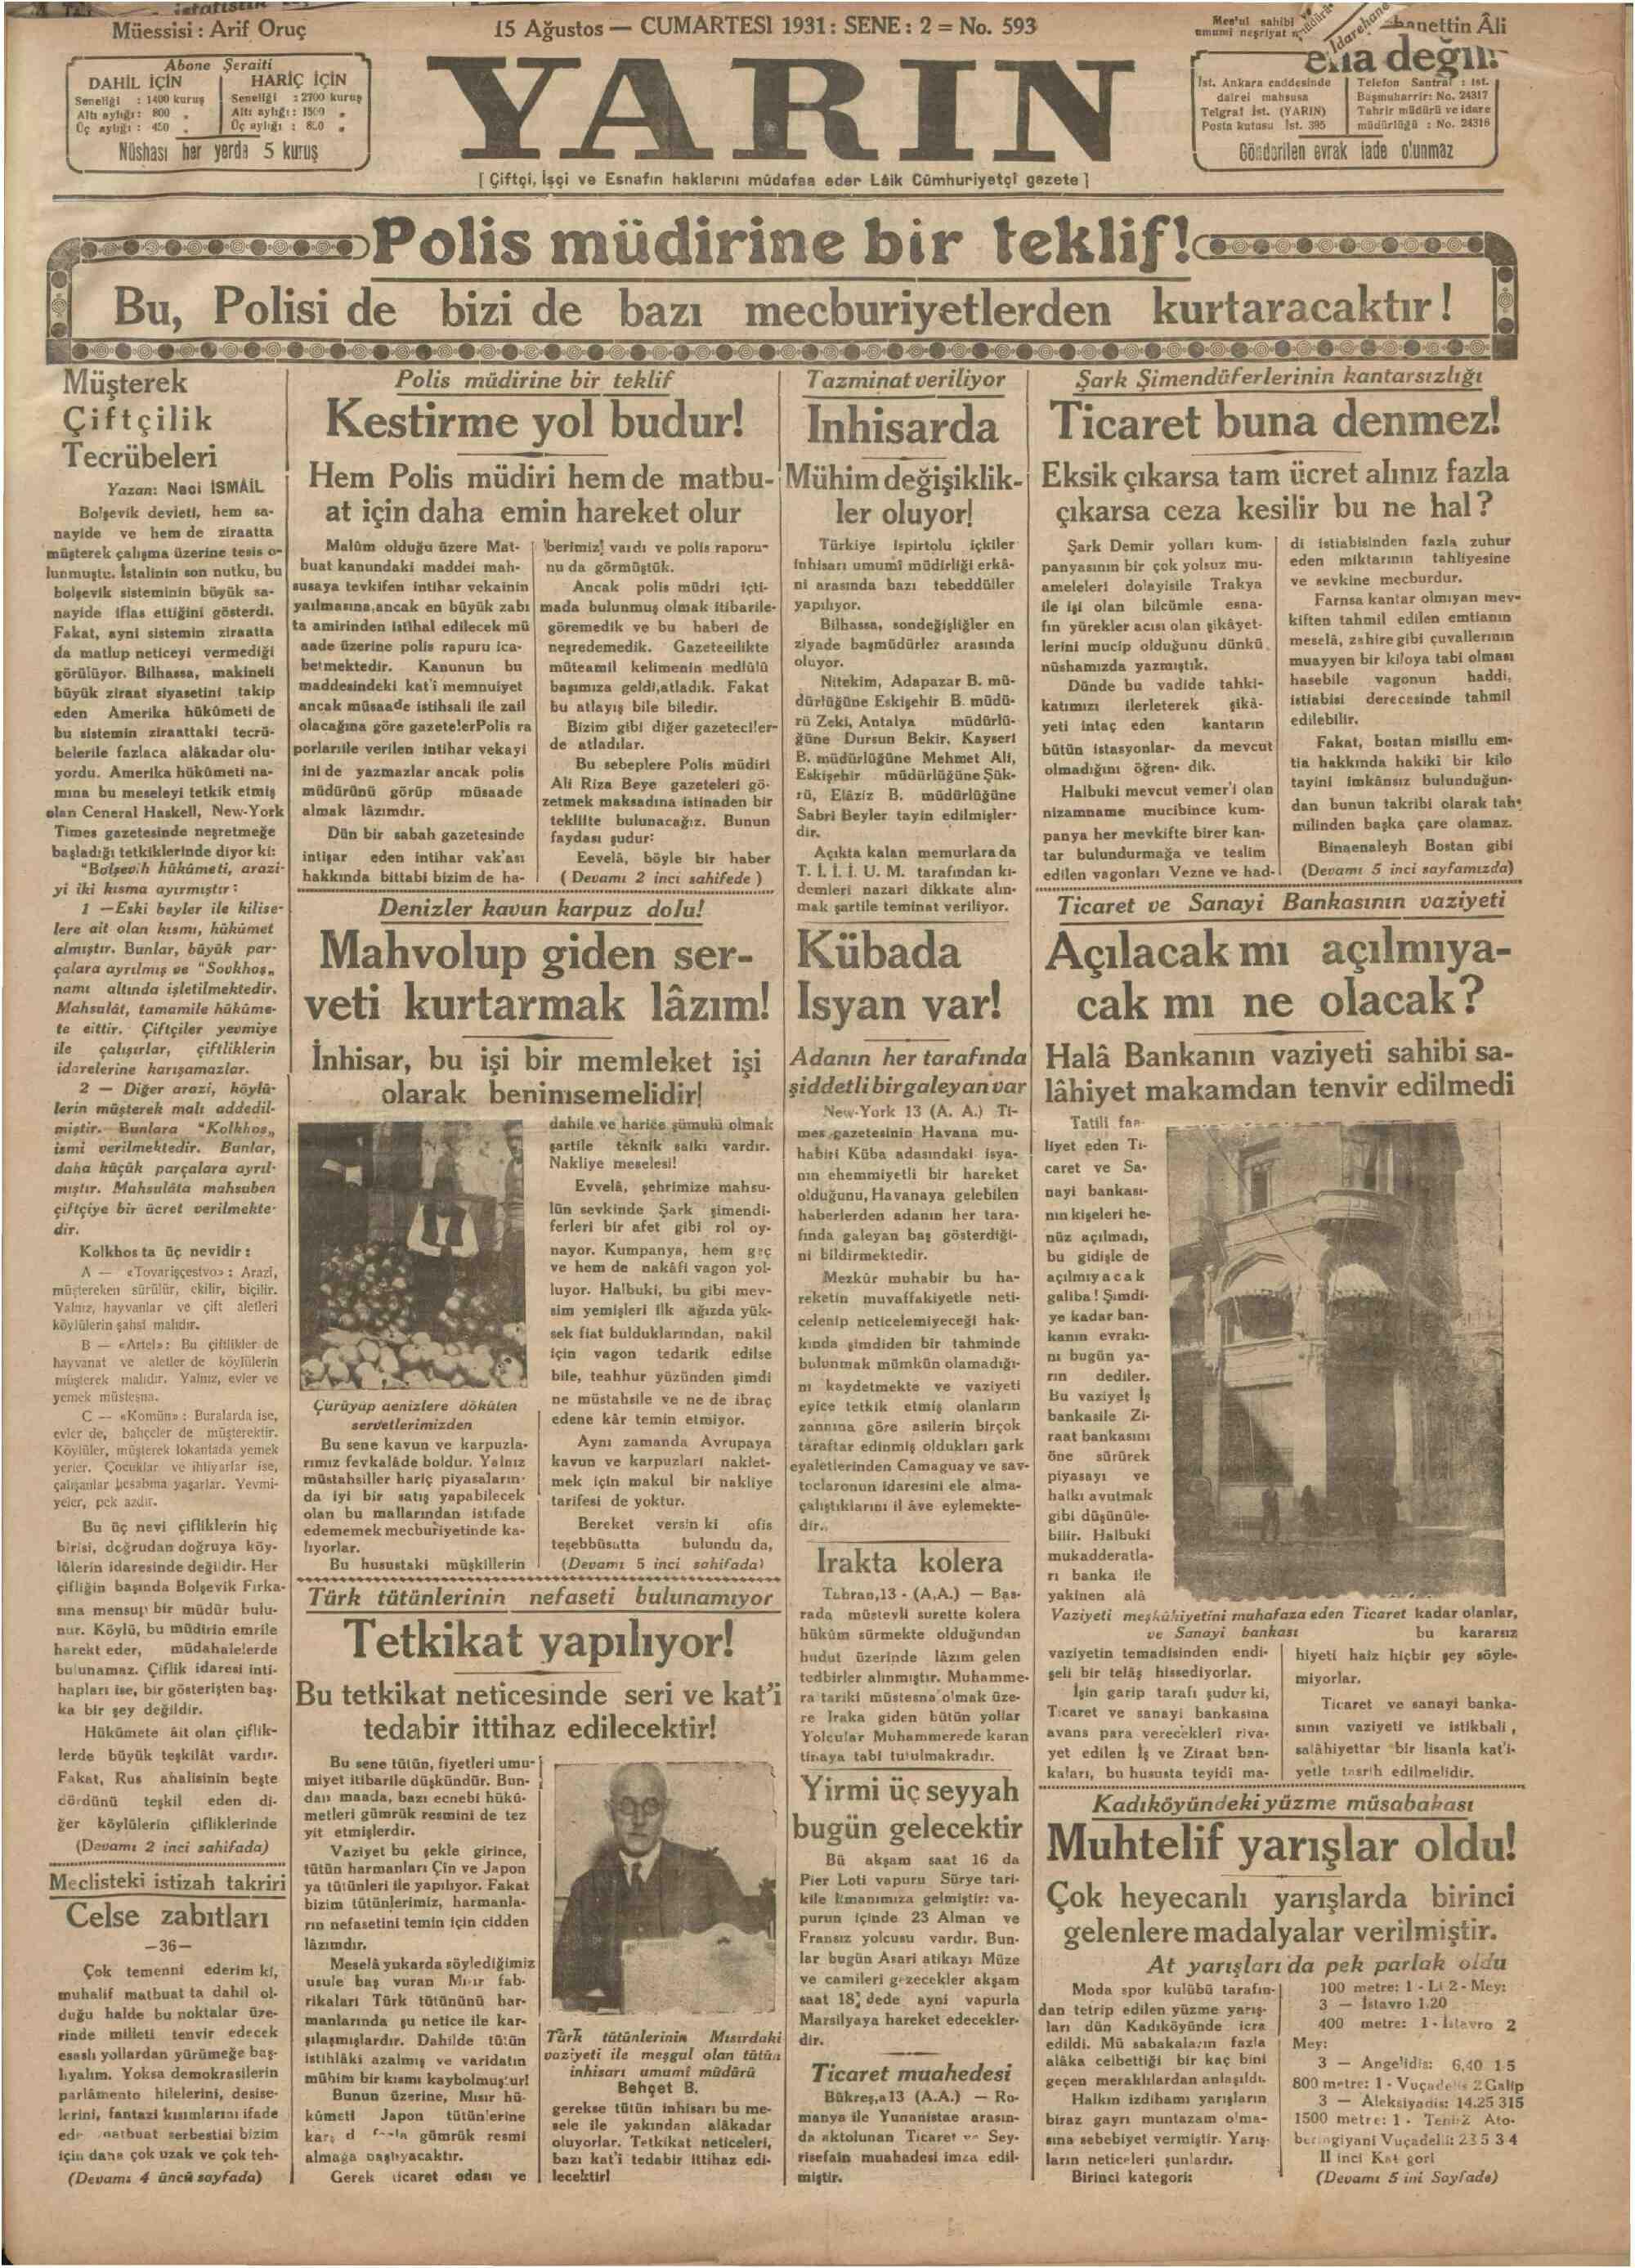 15 Ağustos 1931 Tarihli Yarın Gazetesi Sayfa 1